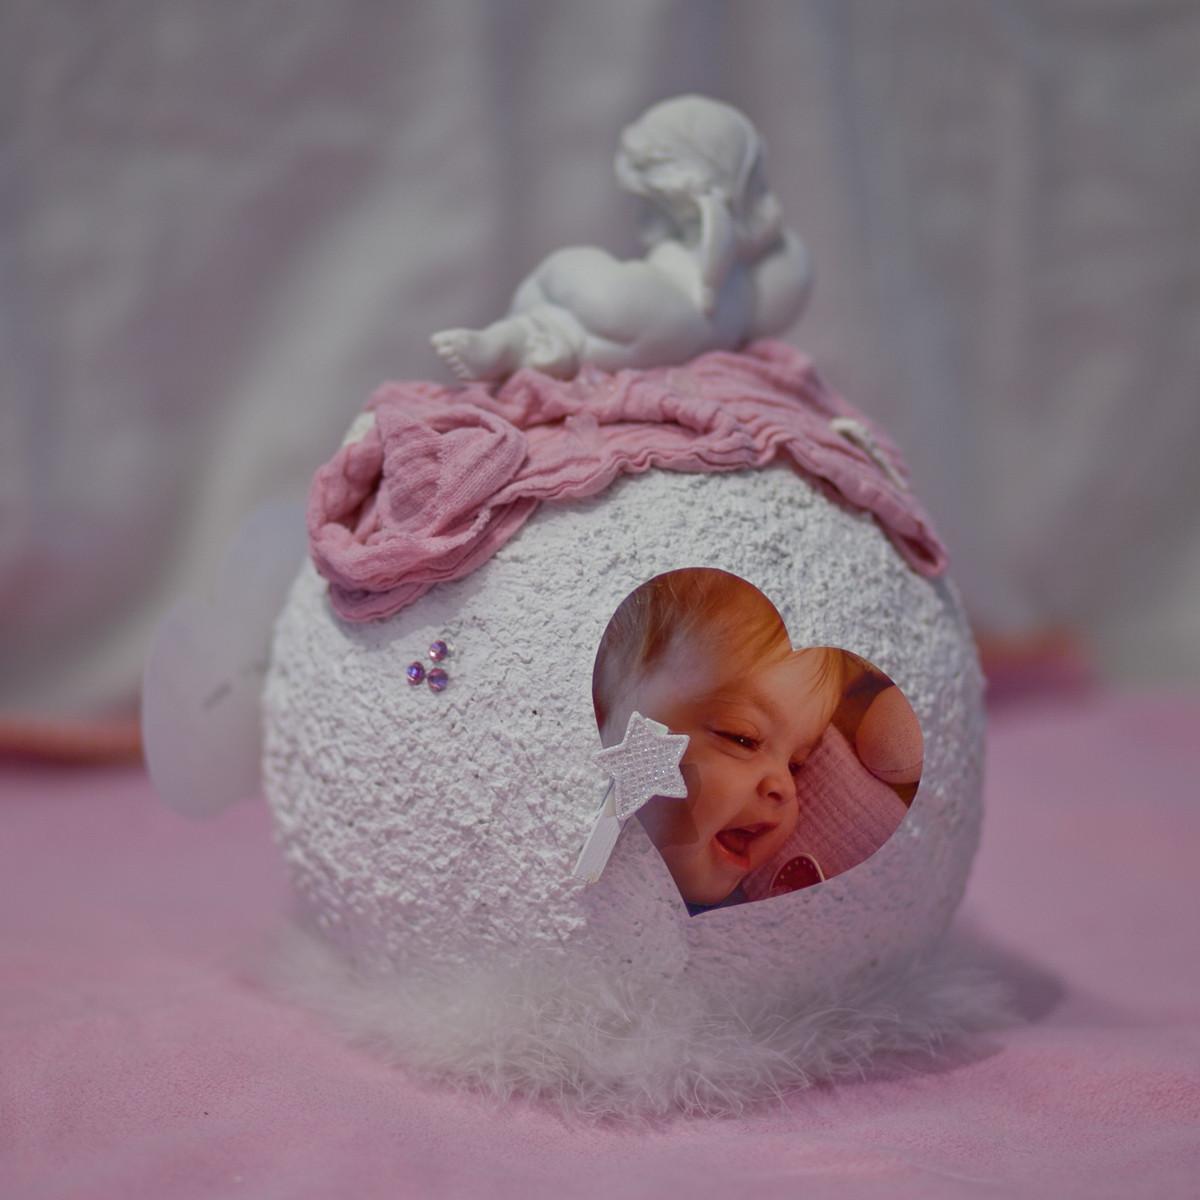 Kinderurnen, auch mit persönlichen Gegenständen möglich, wie z. B. Nuschi, Nuggi, Foto, ...